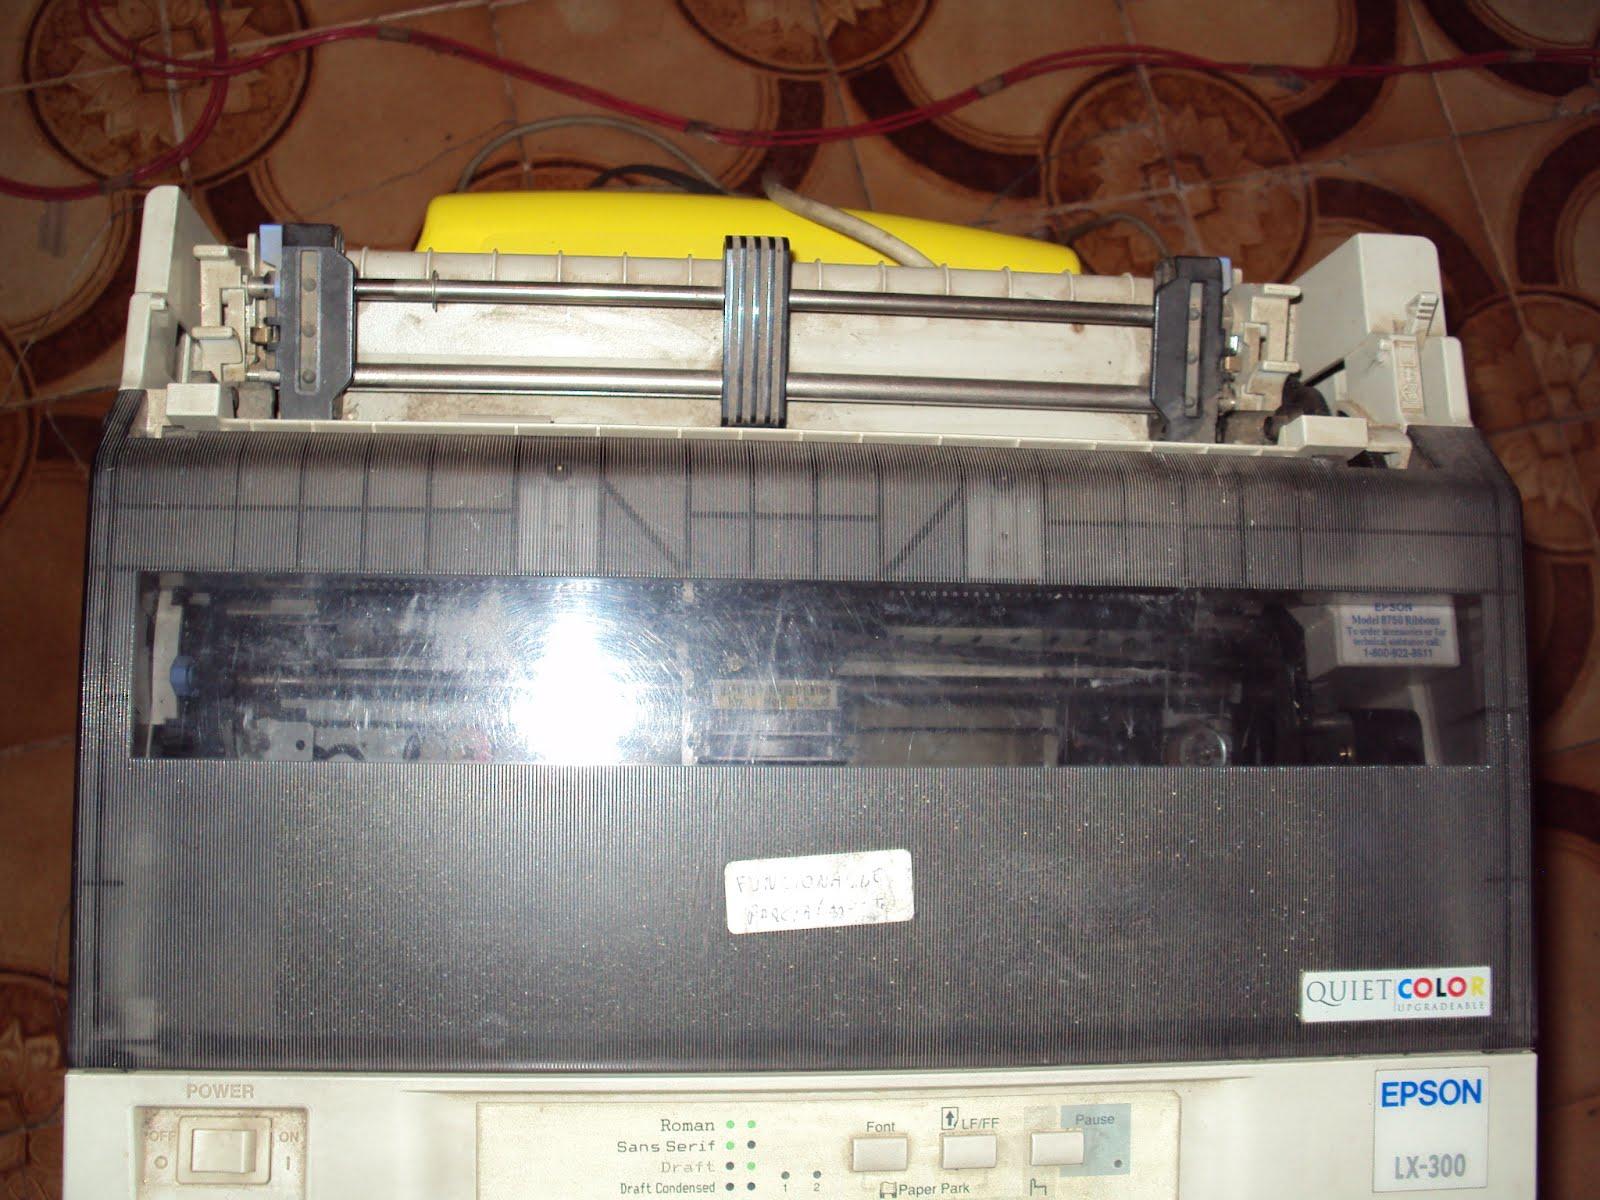 brinquedos%2C+impressoras+%2Cmedalha+e+vitrola+100.JPG (1600×1200)